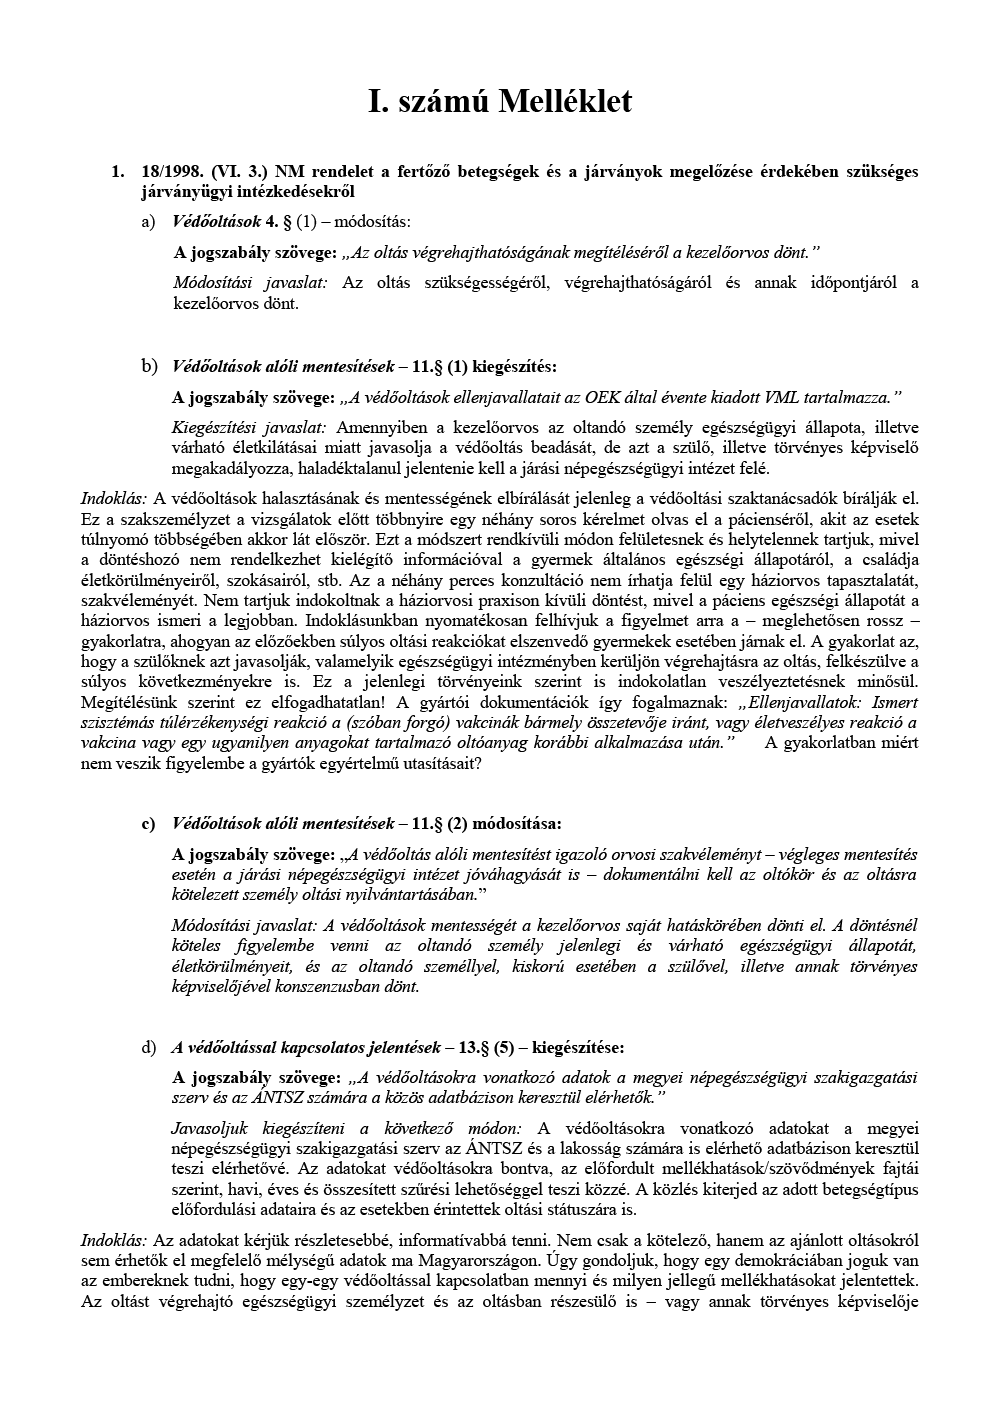 Közös betegség-konzultáció Boka fájdalomcsillapító gyógyszer